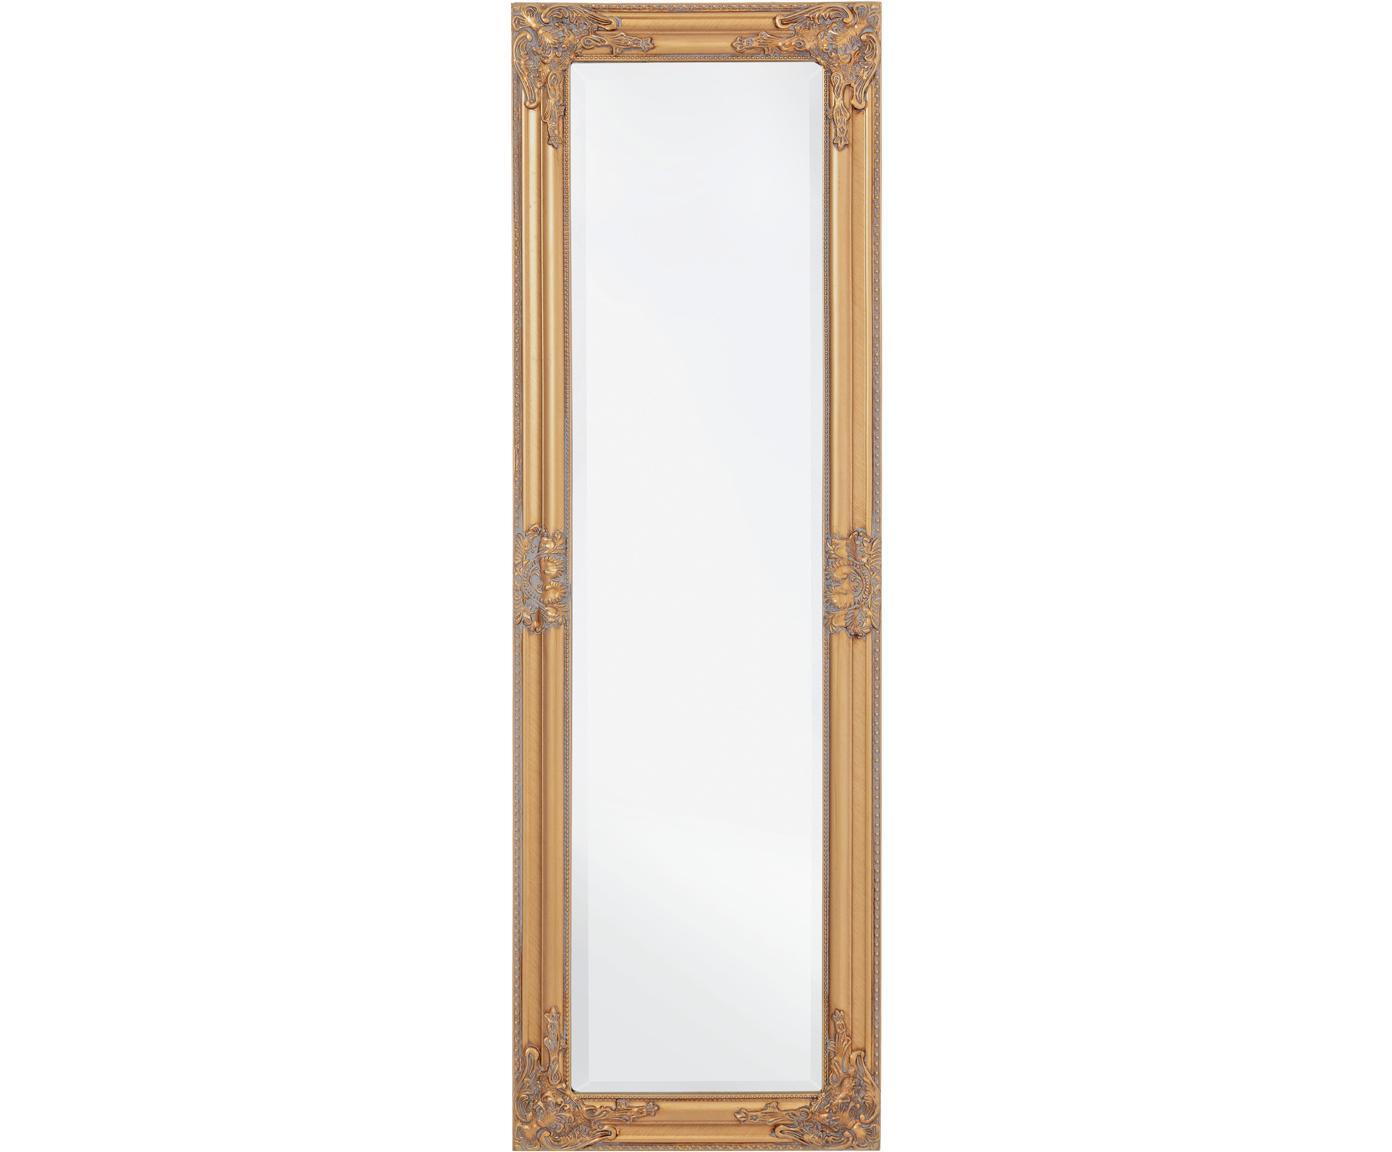 Wandspiegel Miro, Frame: gecoat hout, Goudkleurig, 42 x 132 cm